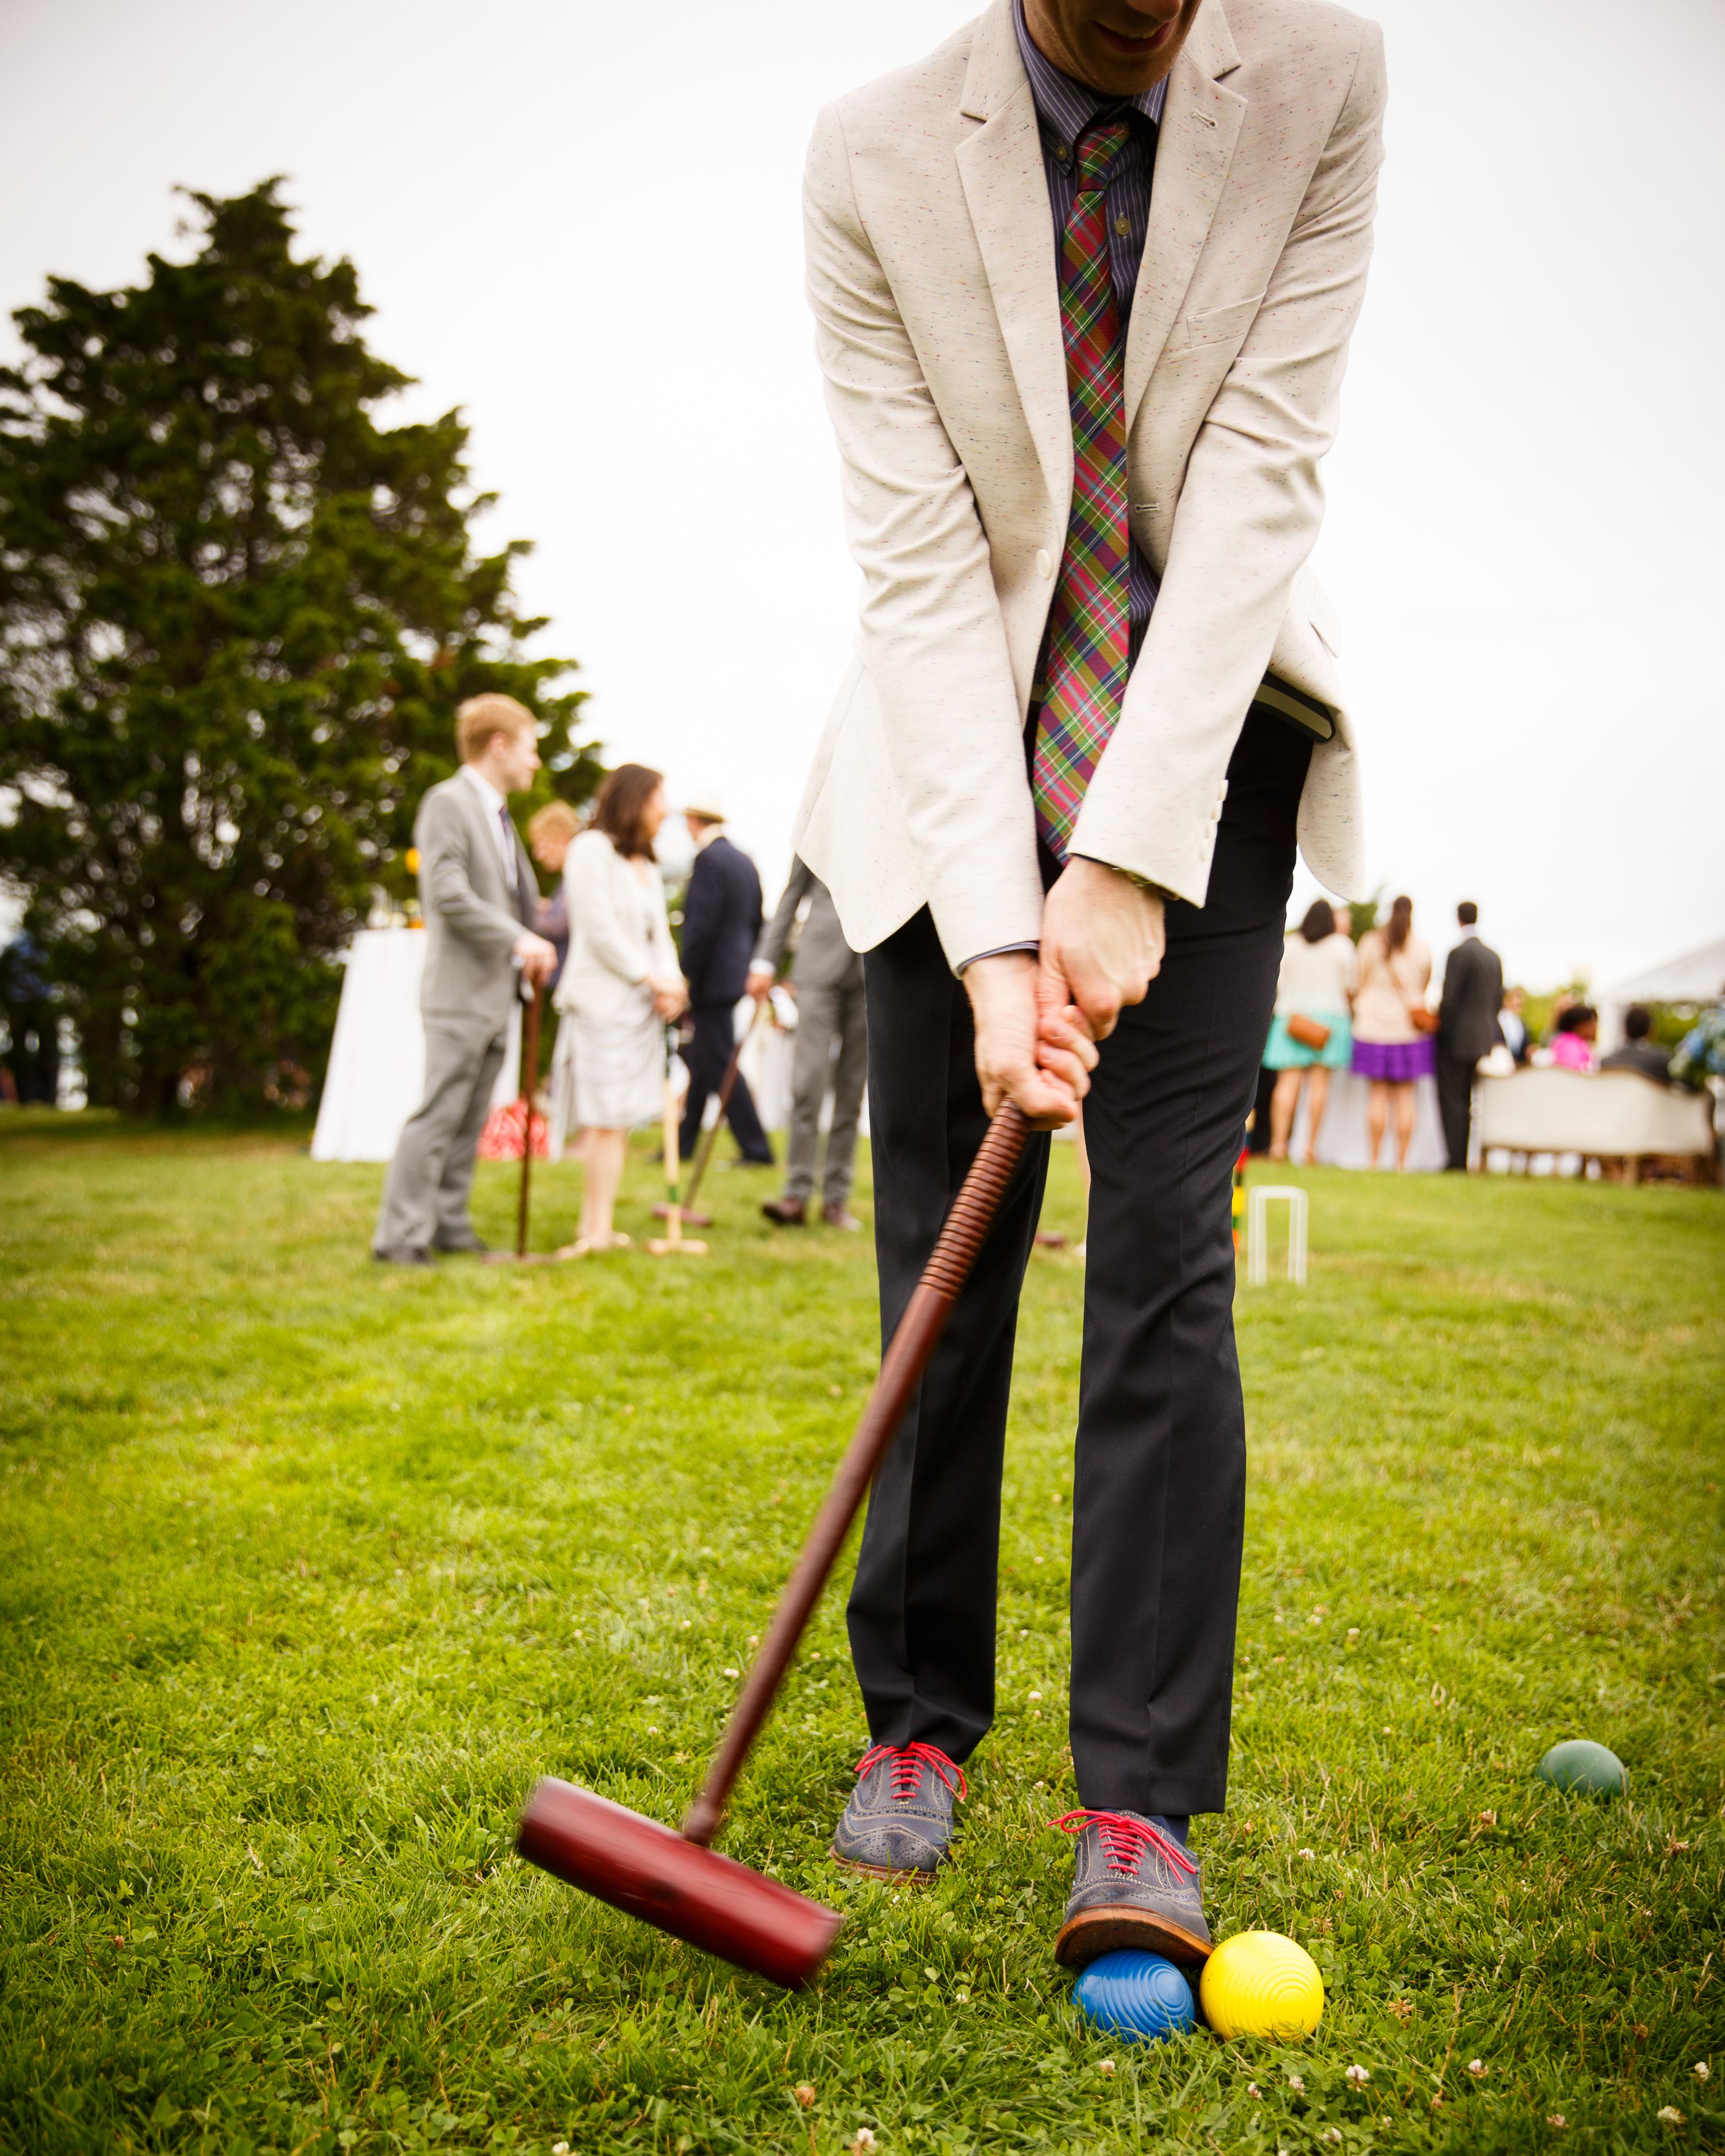 kristel-austin-wedding-croquet-27-s11860-0415.jpg